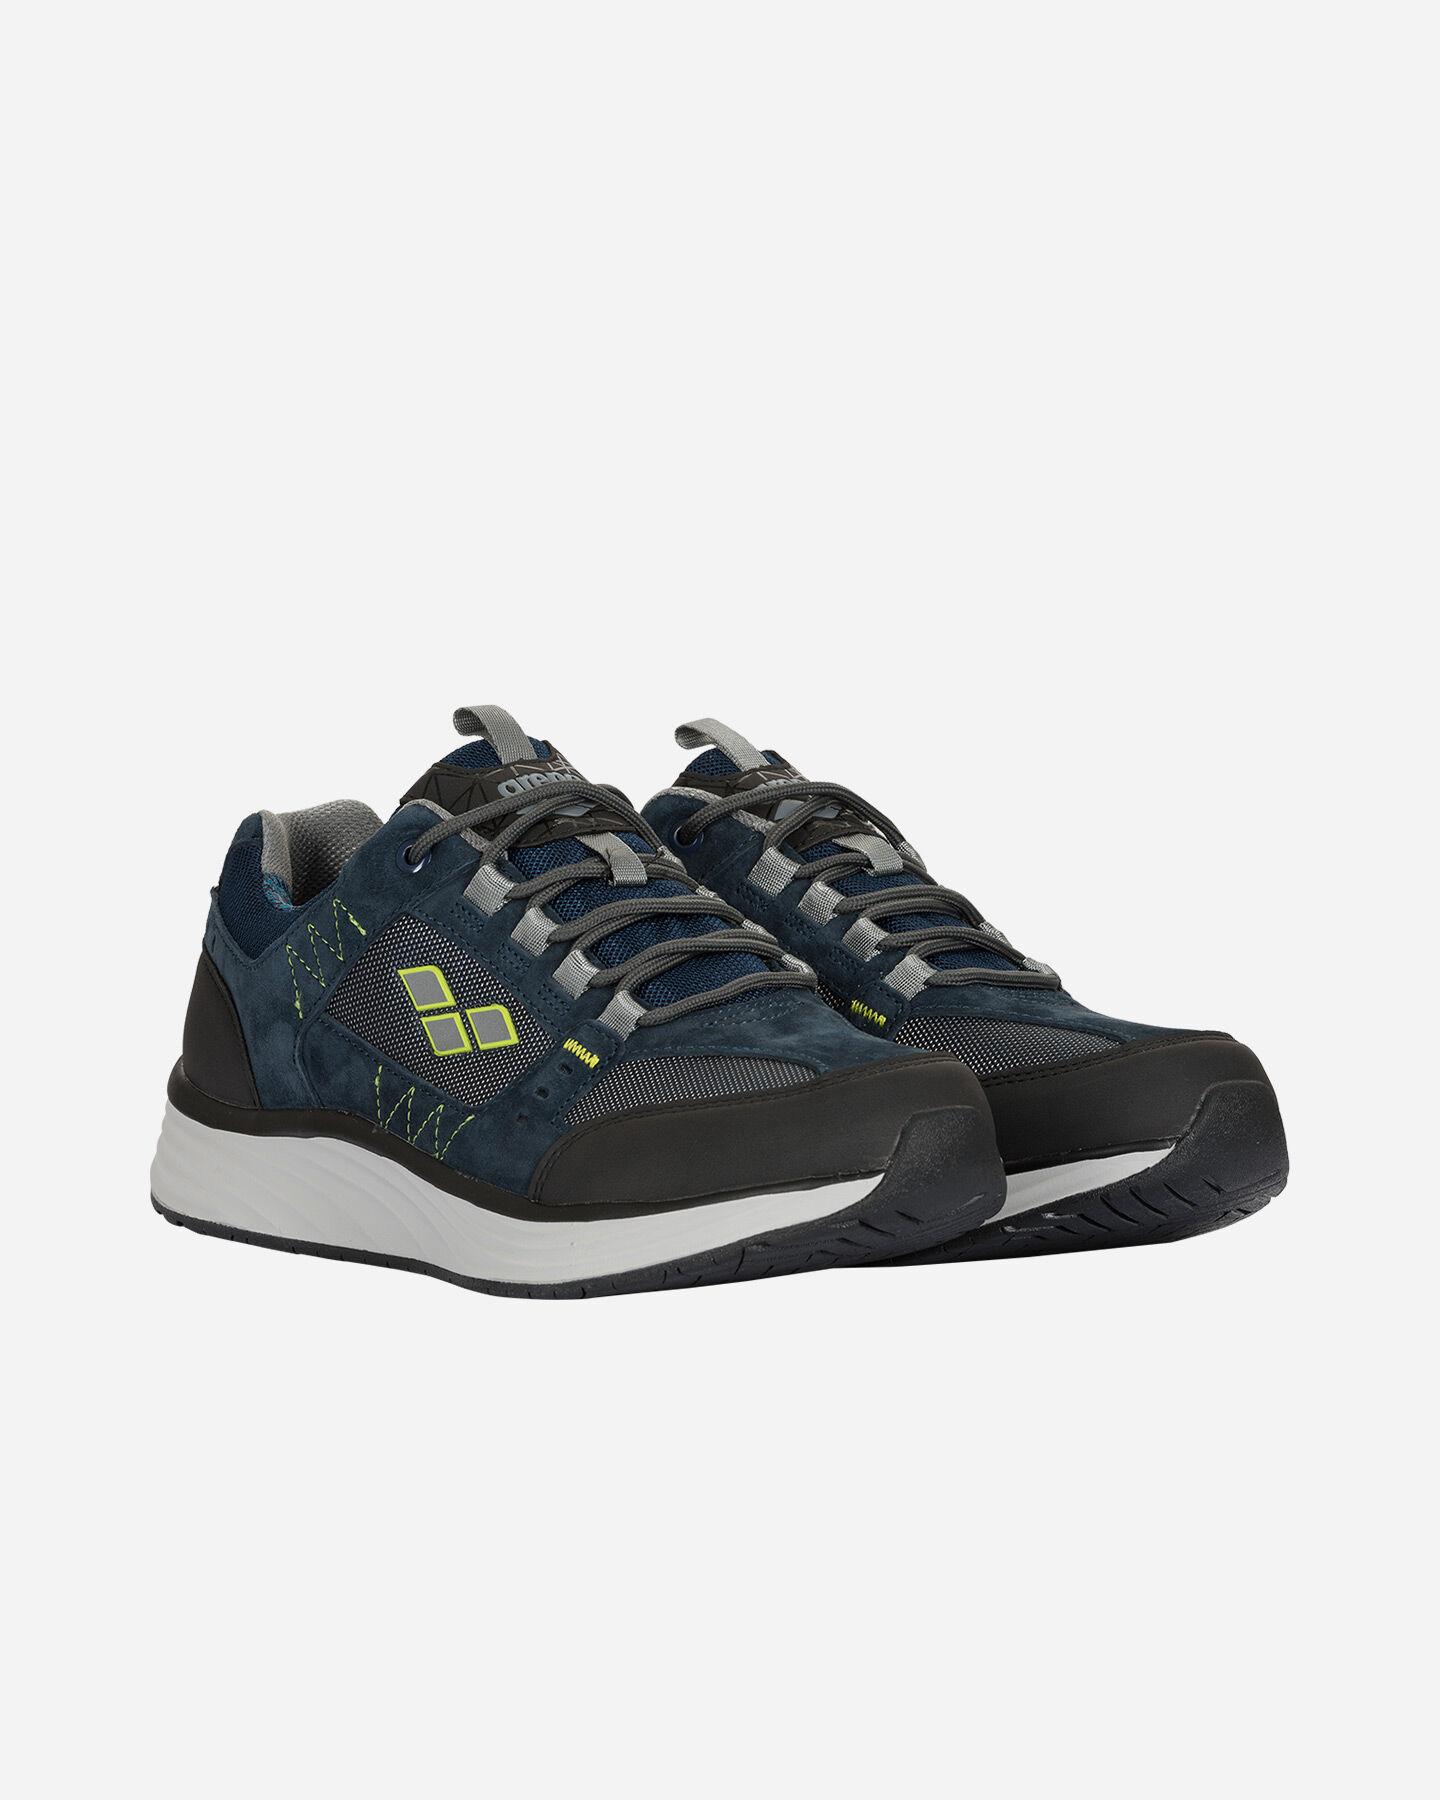 Scarpe sneakers ARENA FASTRACK LTH M S4083910 scatto 1